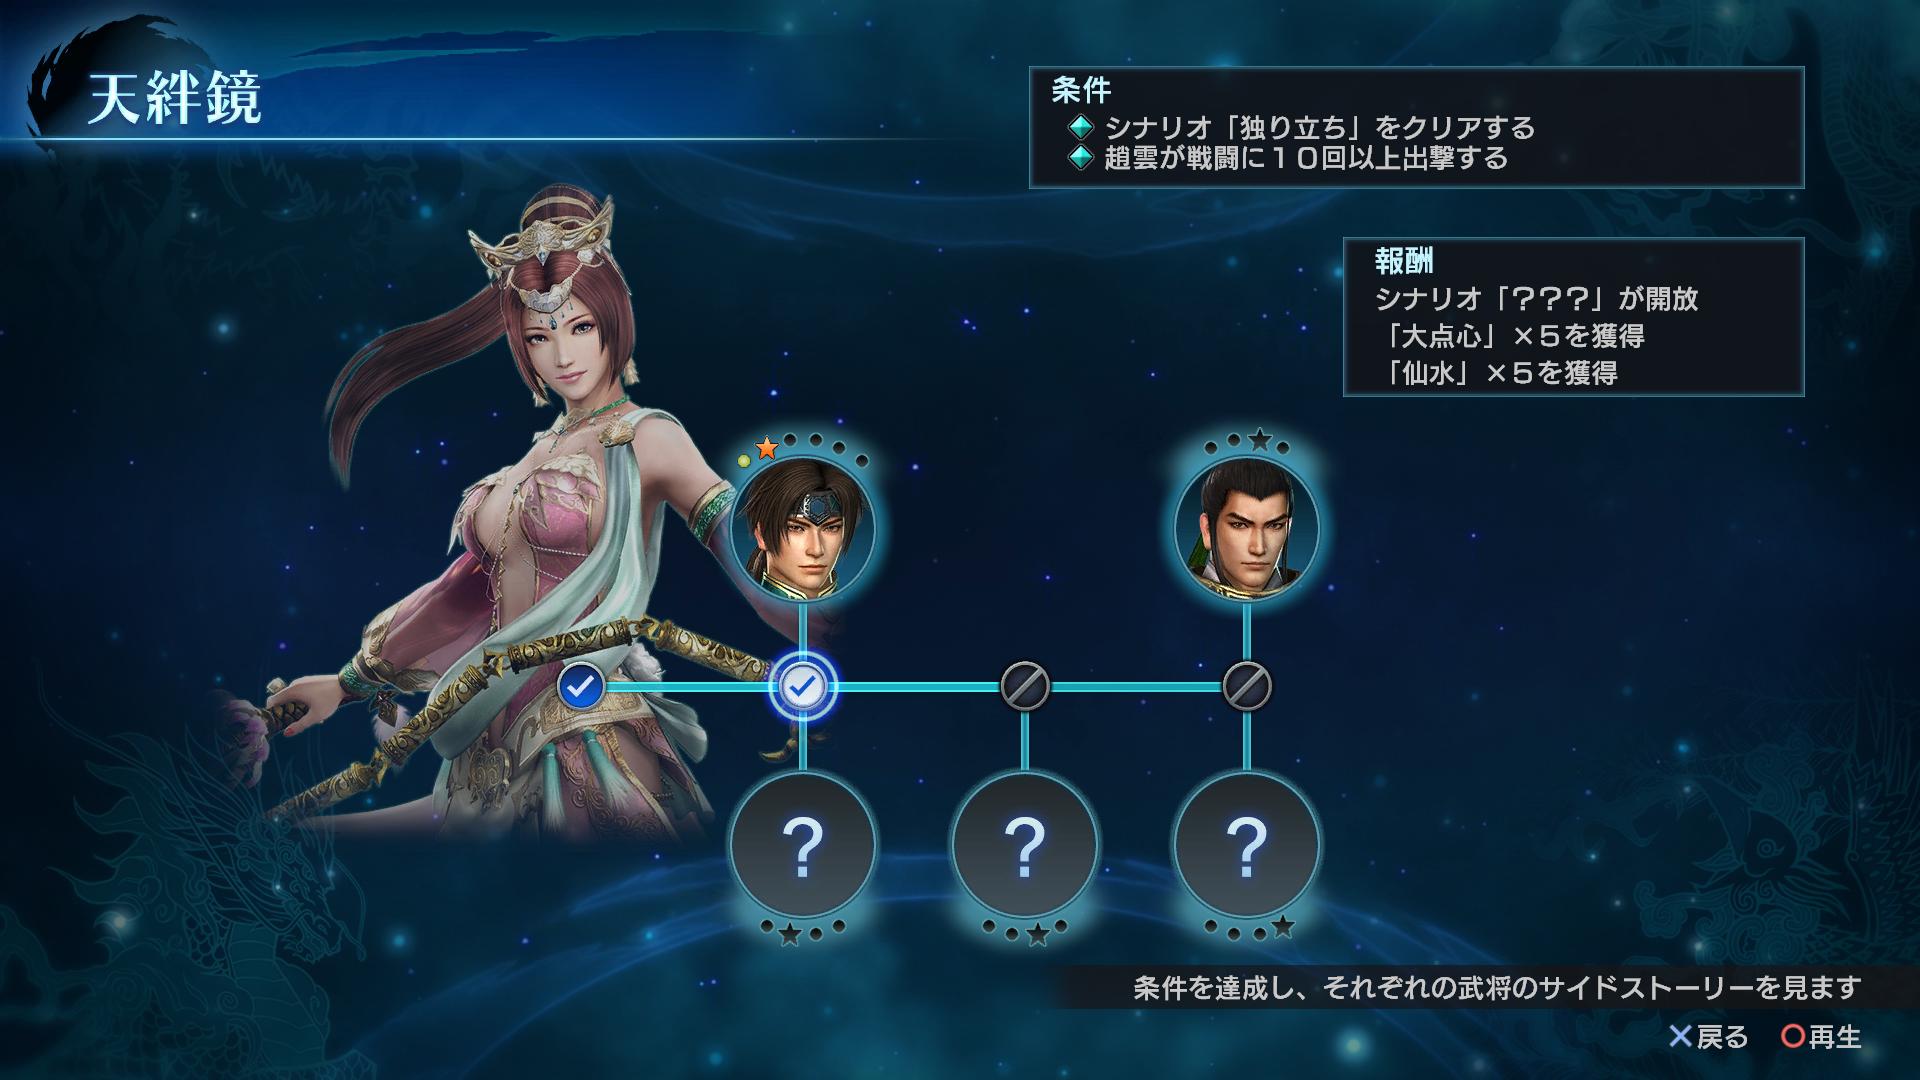 『真・三國無双 英傑伝』ゲーム画面